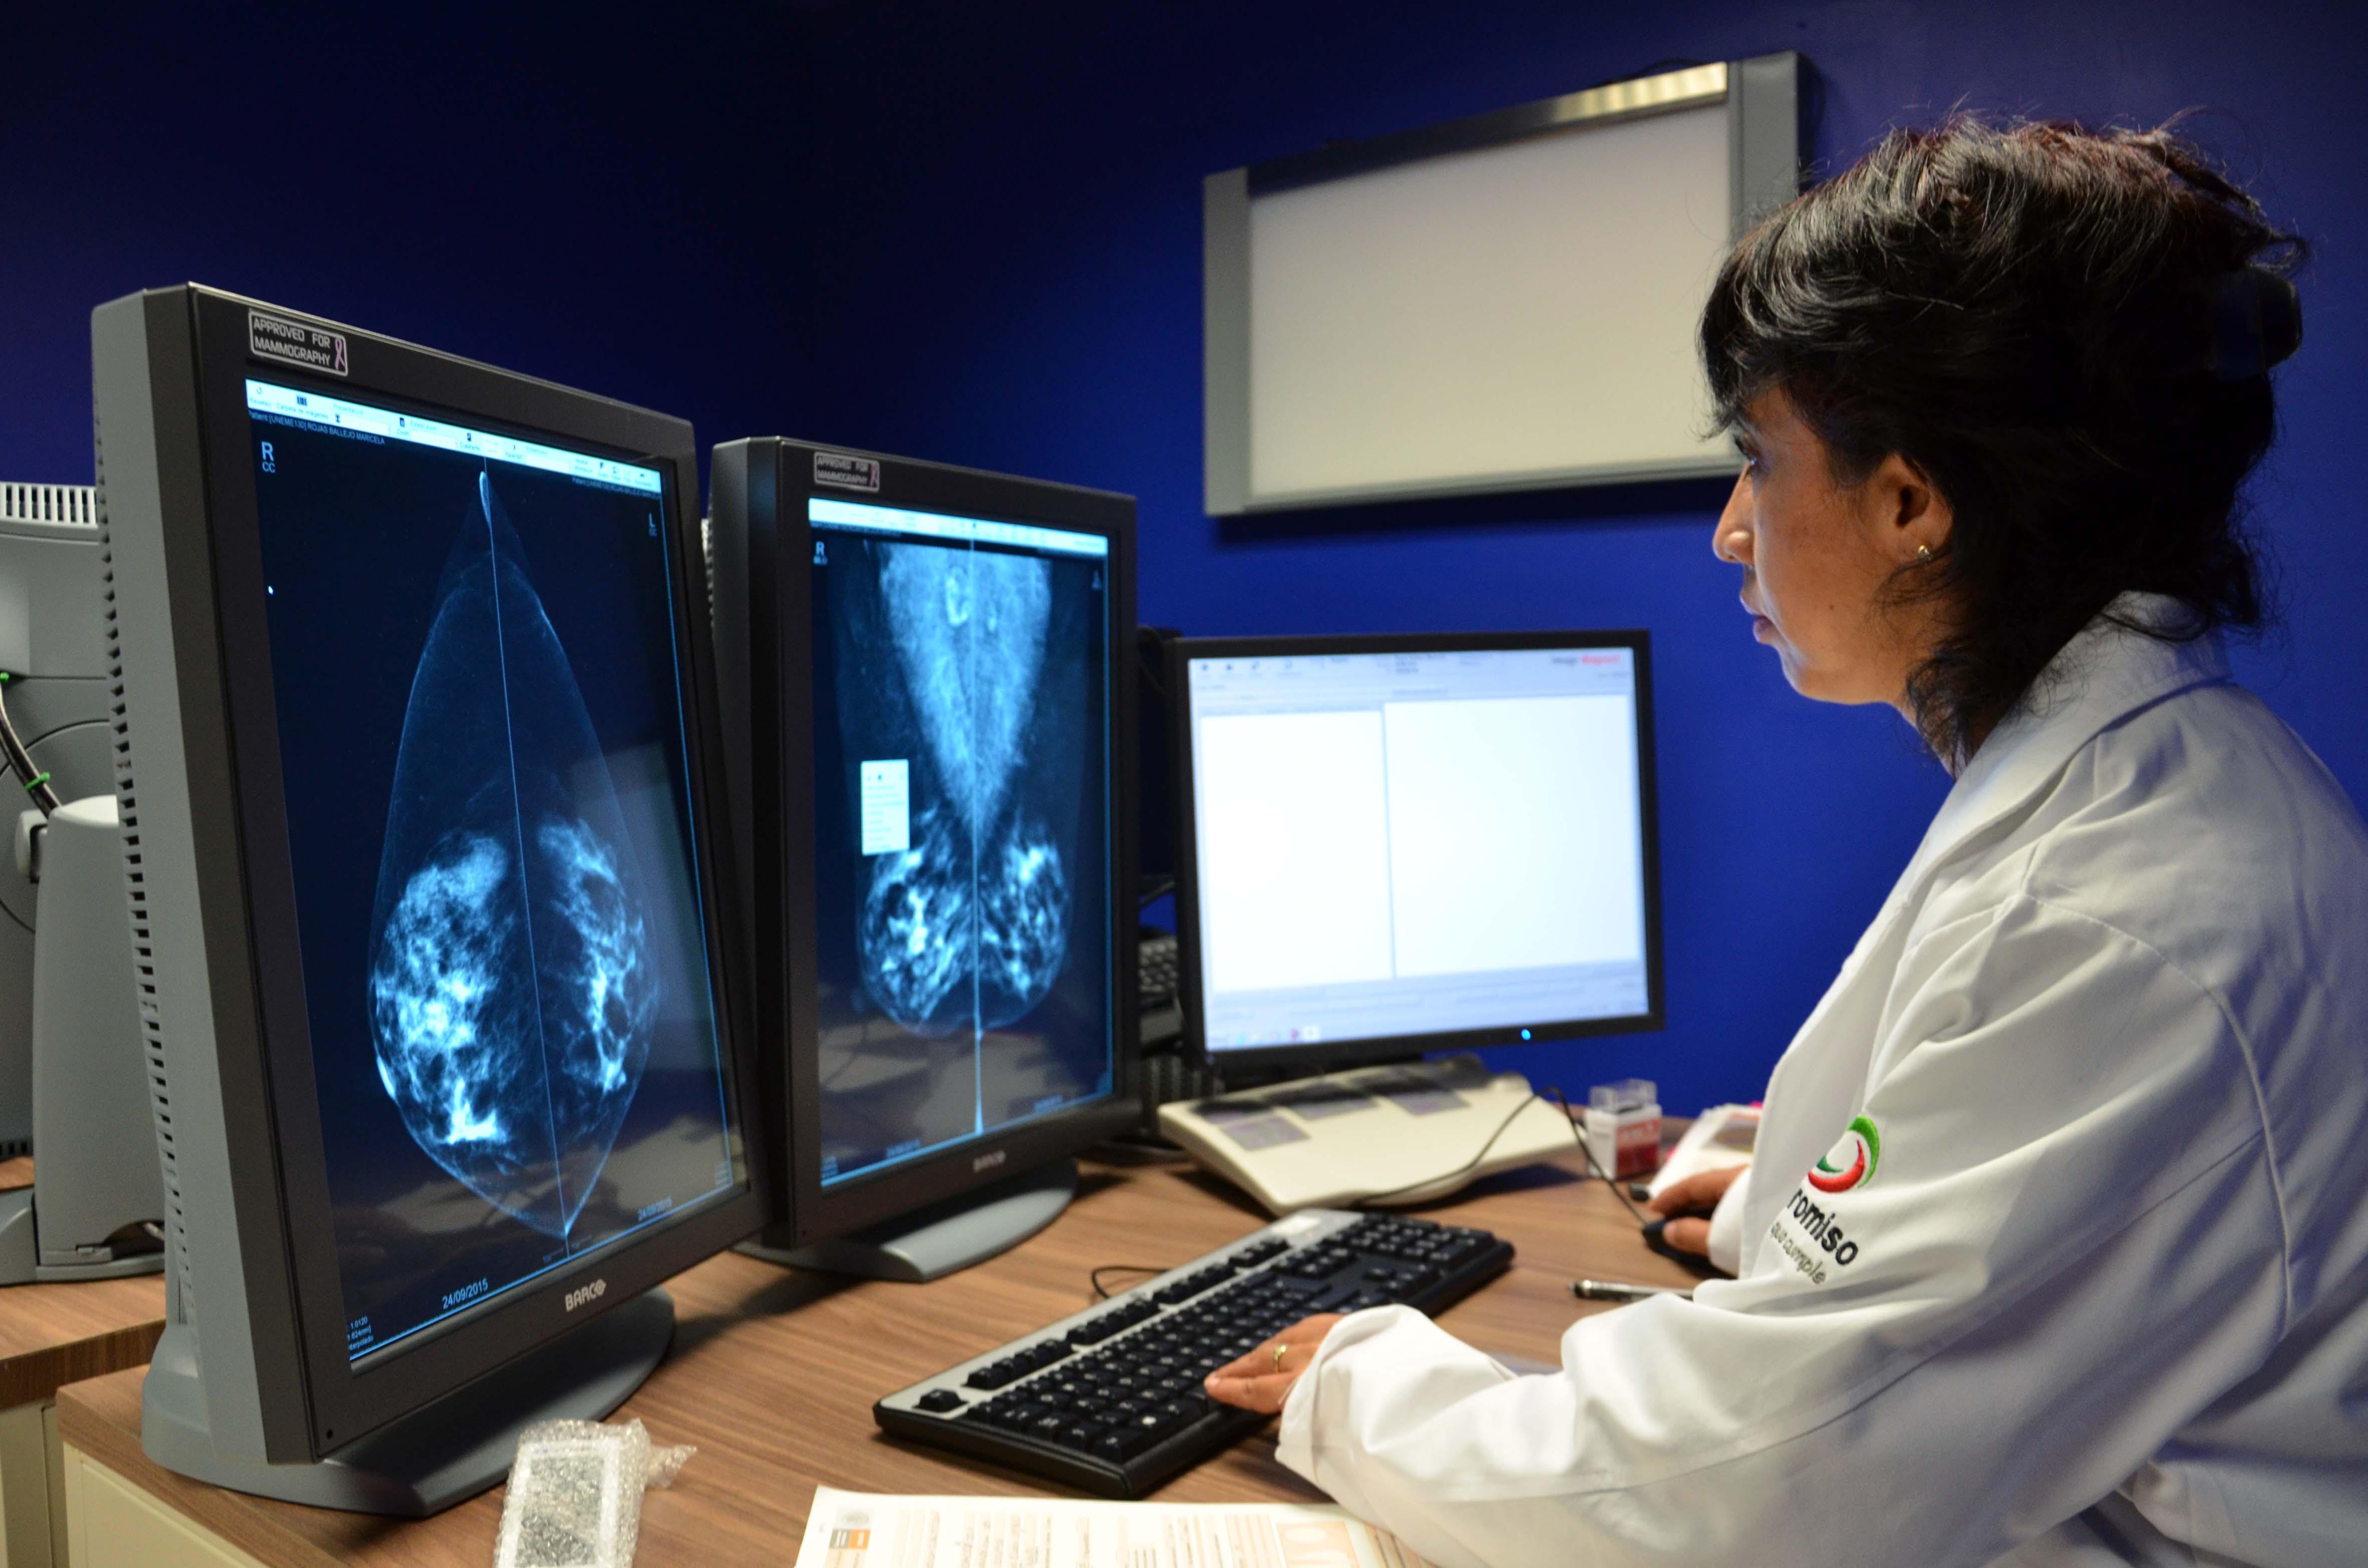 Utiliza como soporte técnico imágenes para diagnosticar enfermedades como el cáncer.